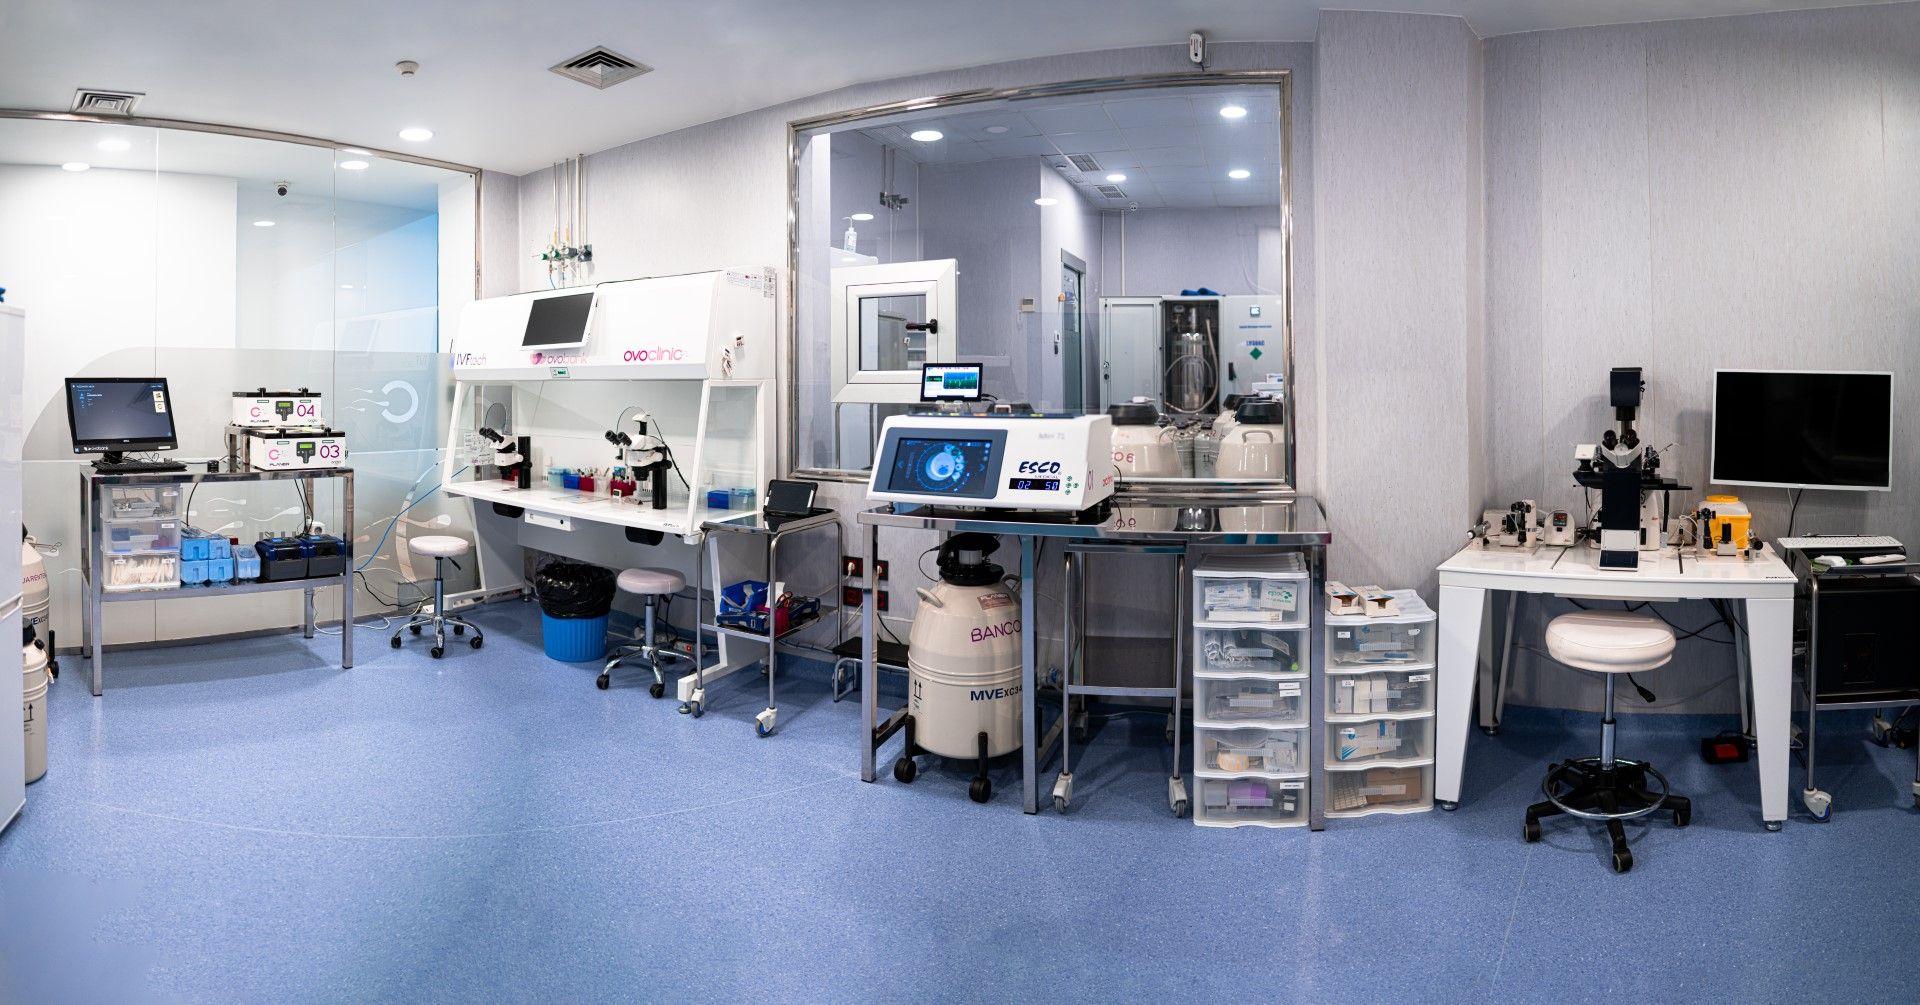 Ovoclinic, recibe el Premio Nacional de Investigación, Ciencia e Innovación Isaac Peral 2021